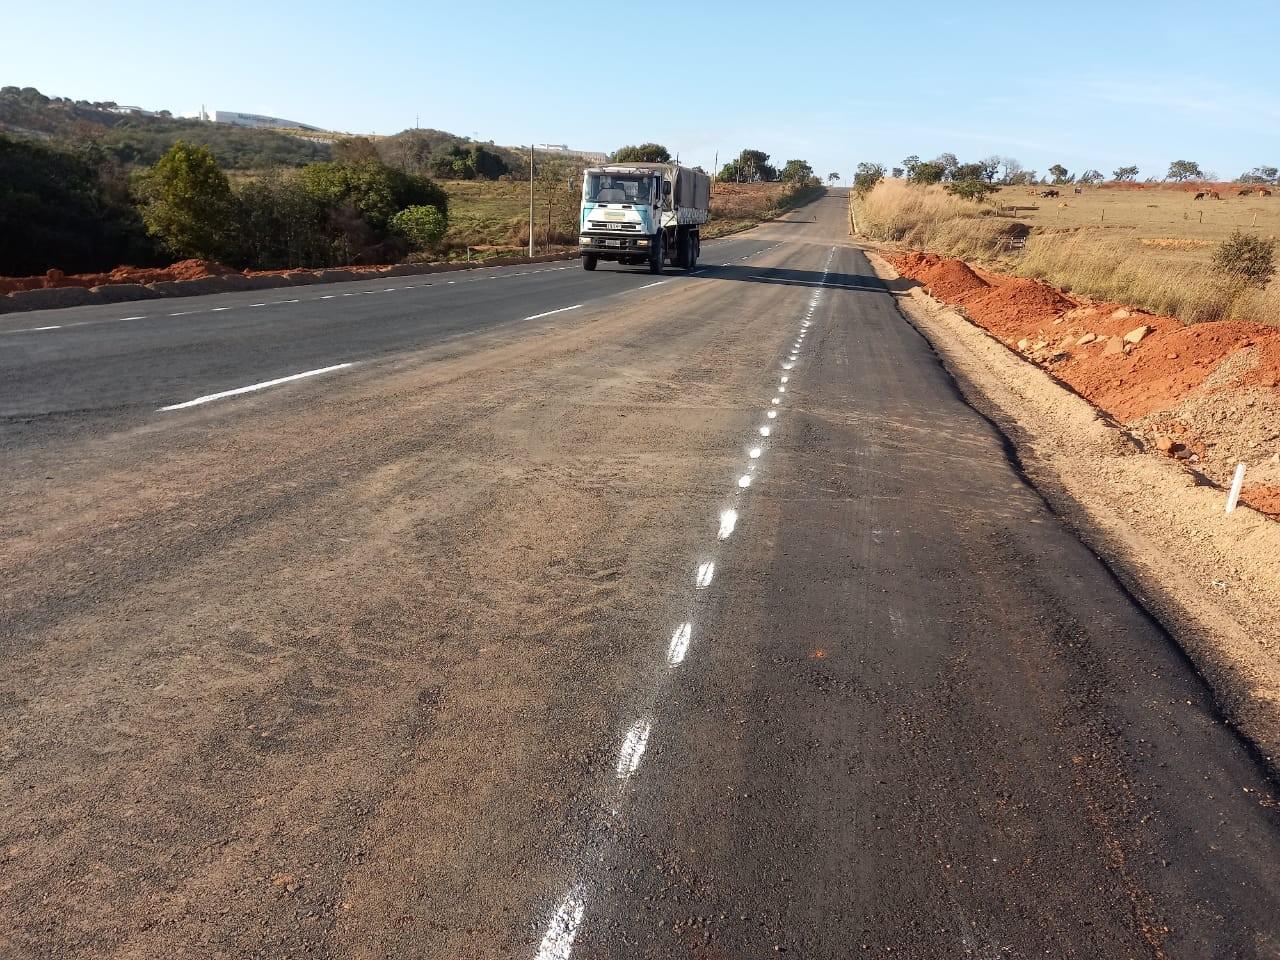 Passagem de veículos é liberada após obras em trecho da MGC-462 que desabou entre Patrocínio e Perdizes